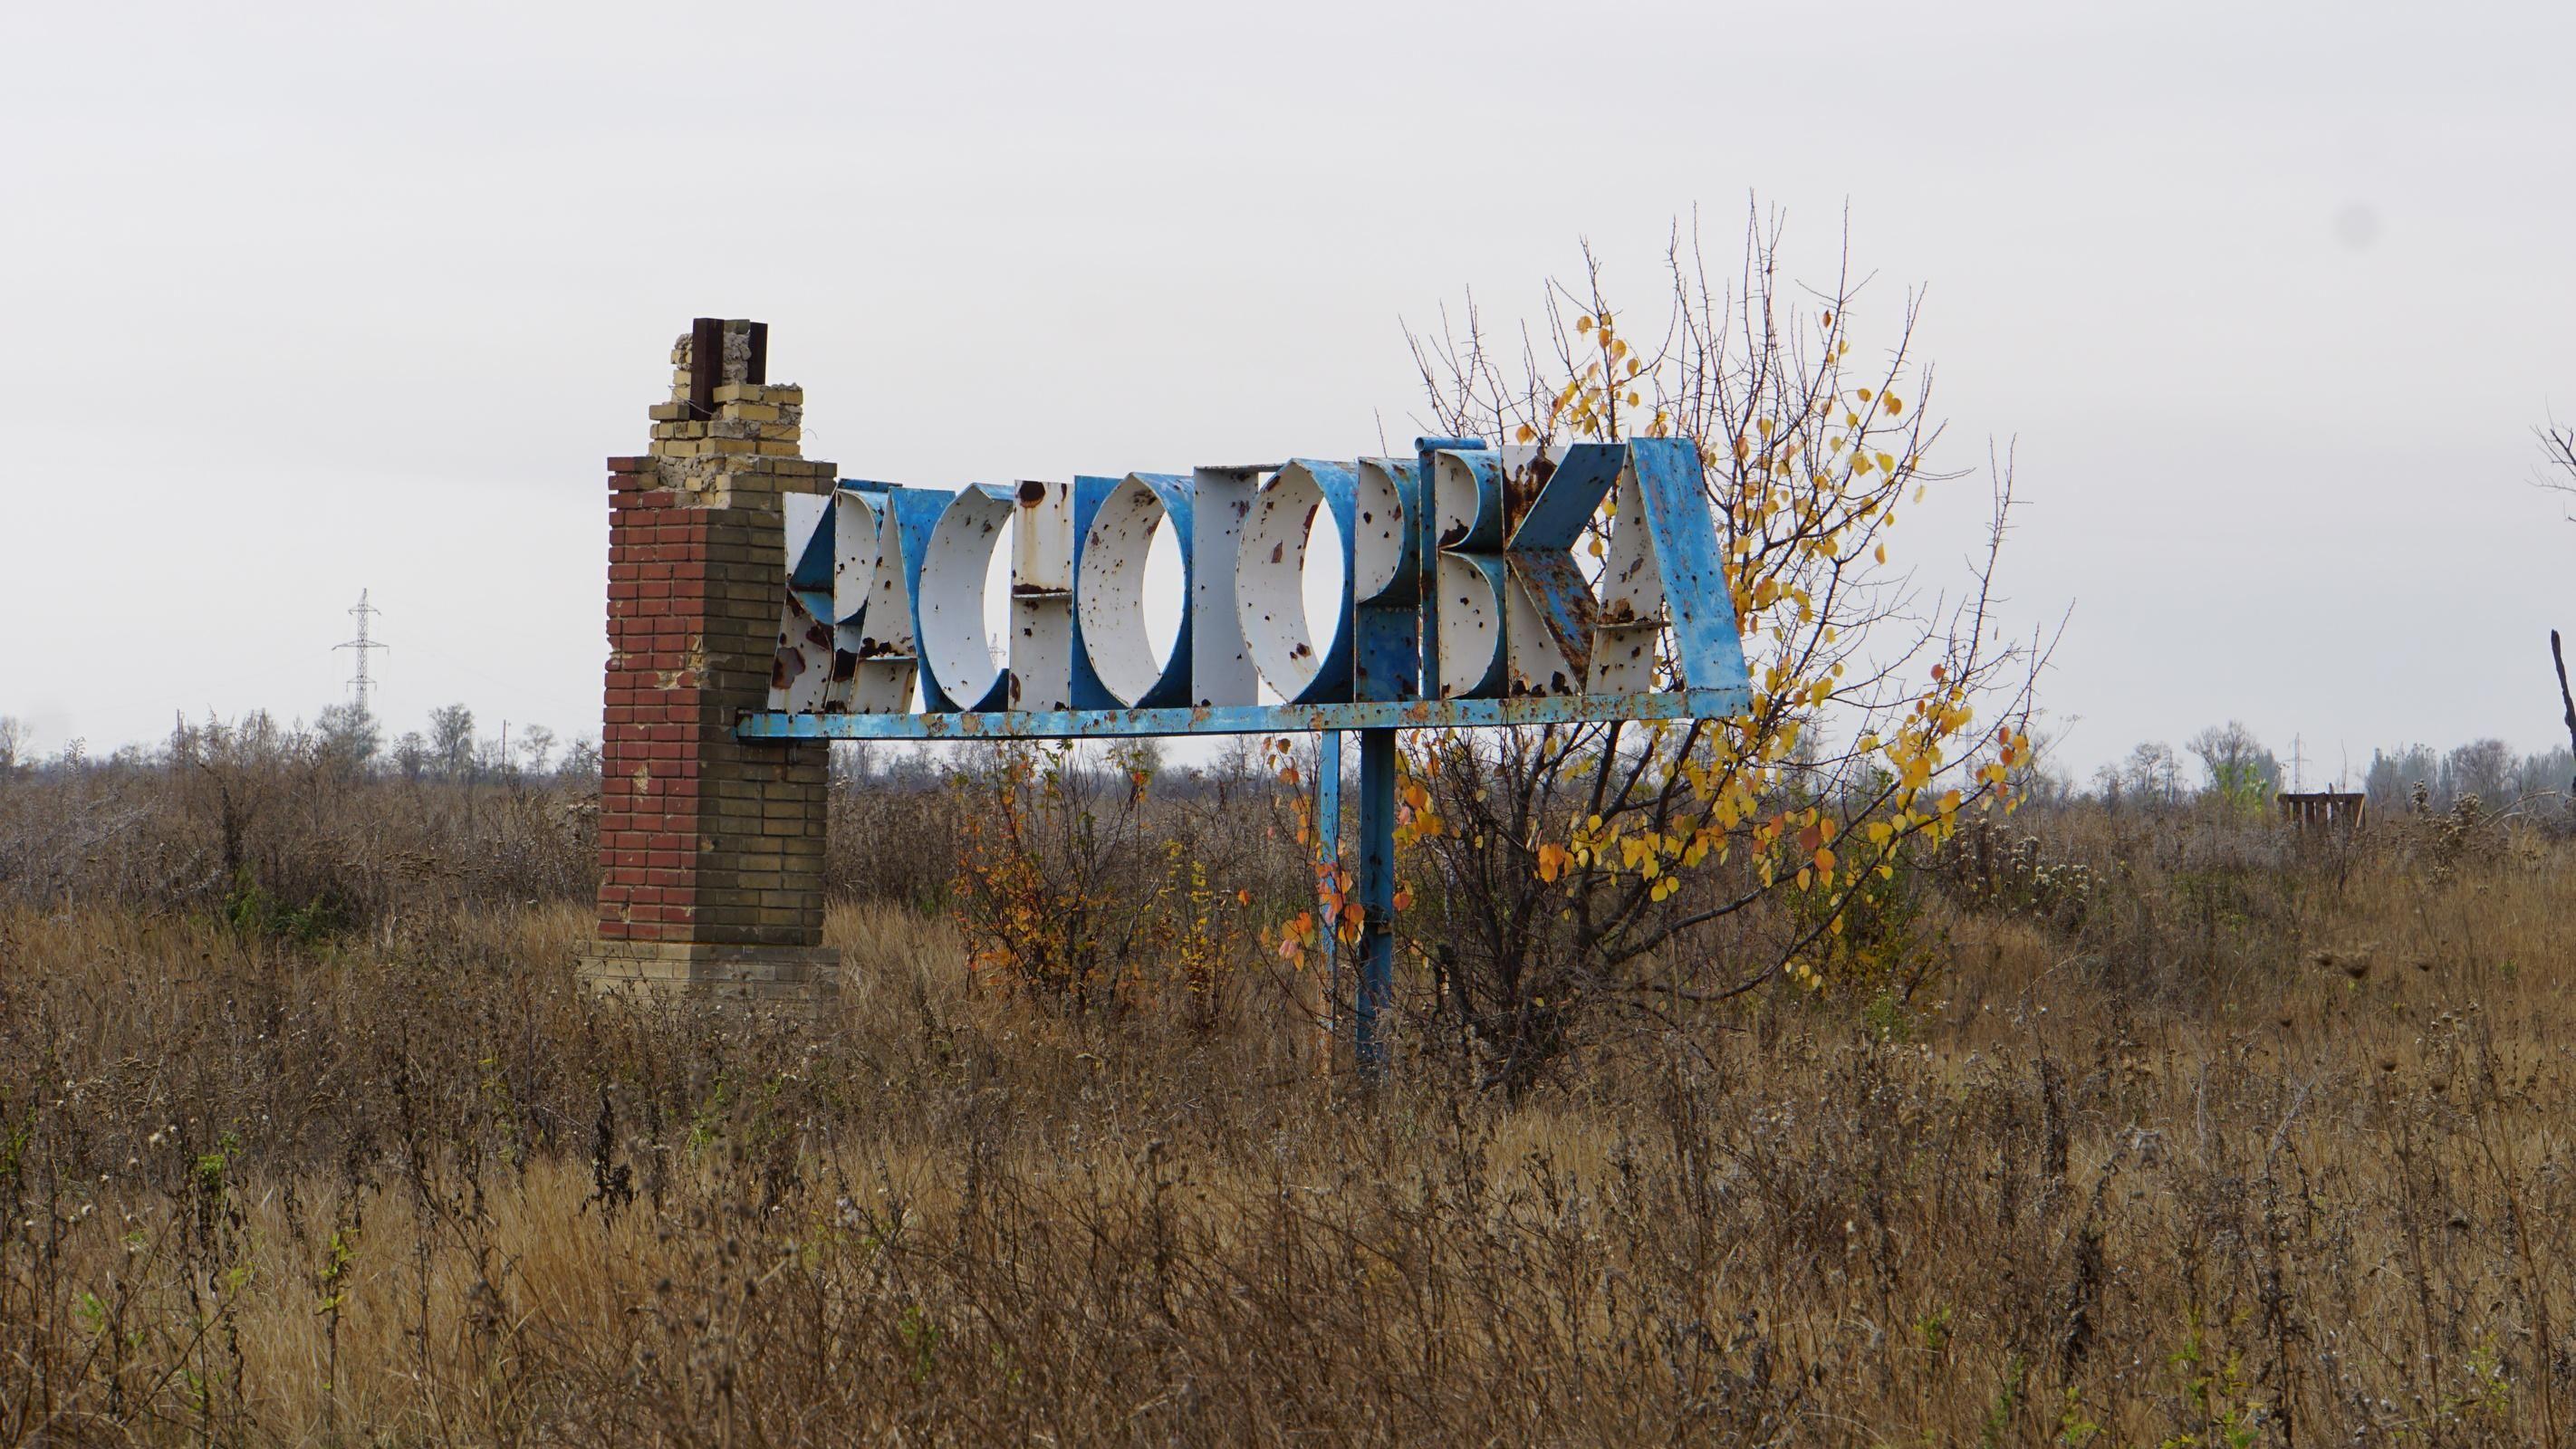 Снайпер противника стреляет на окраинах Красногоровки: съемочная группа 24 попала под обстрел - Новости Красногоровки - 24 Канал